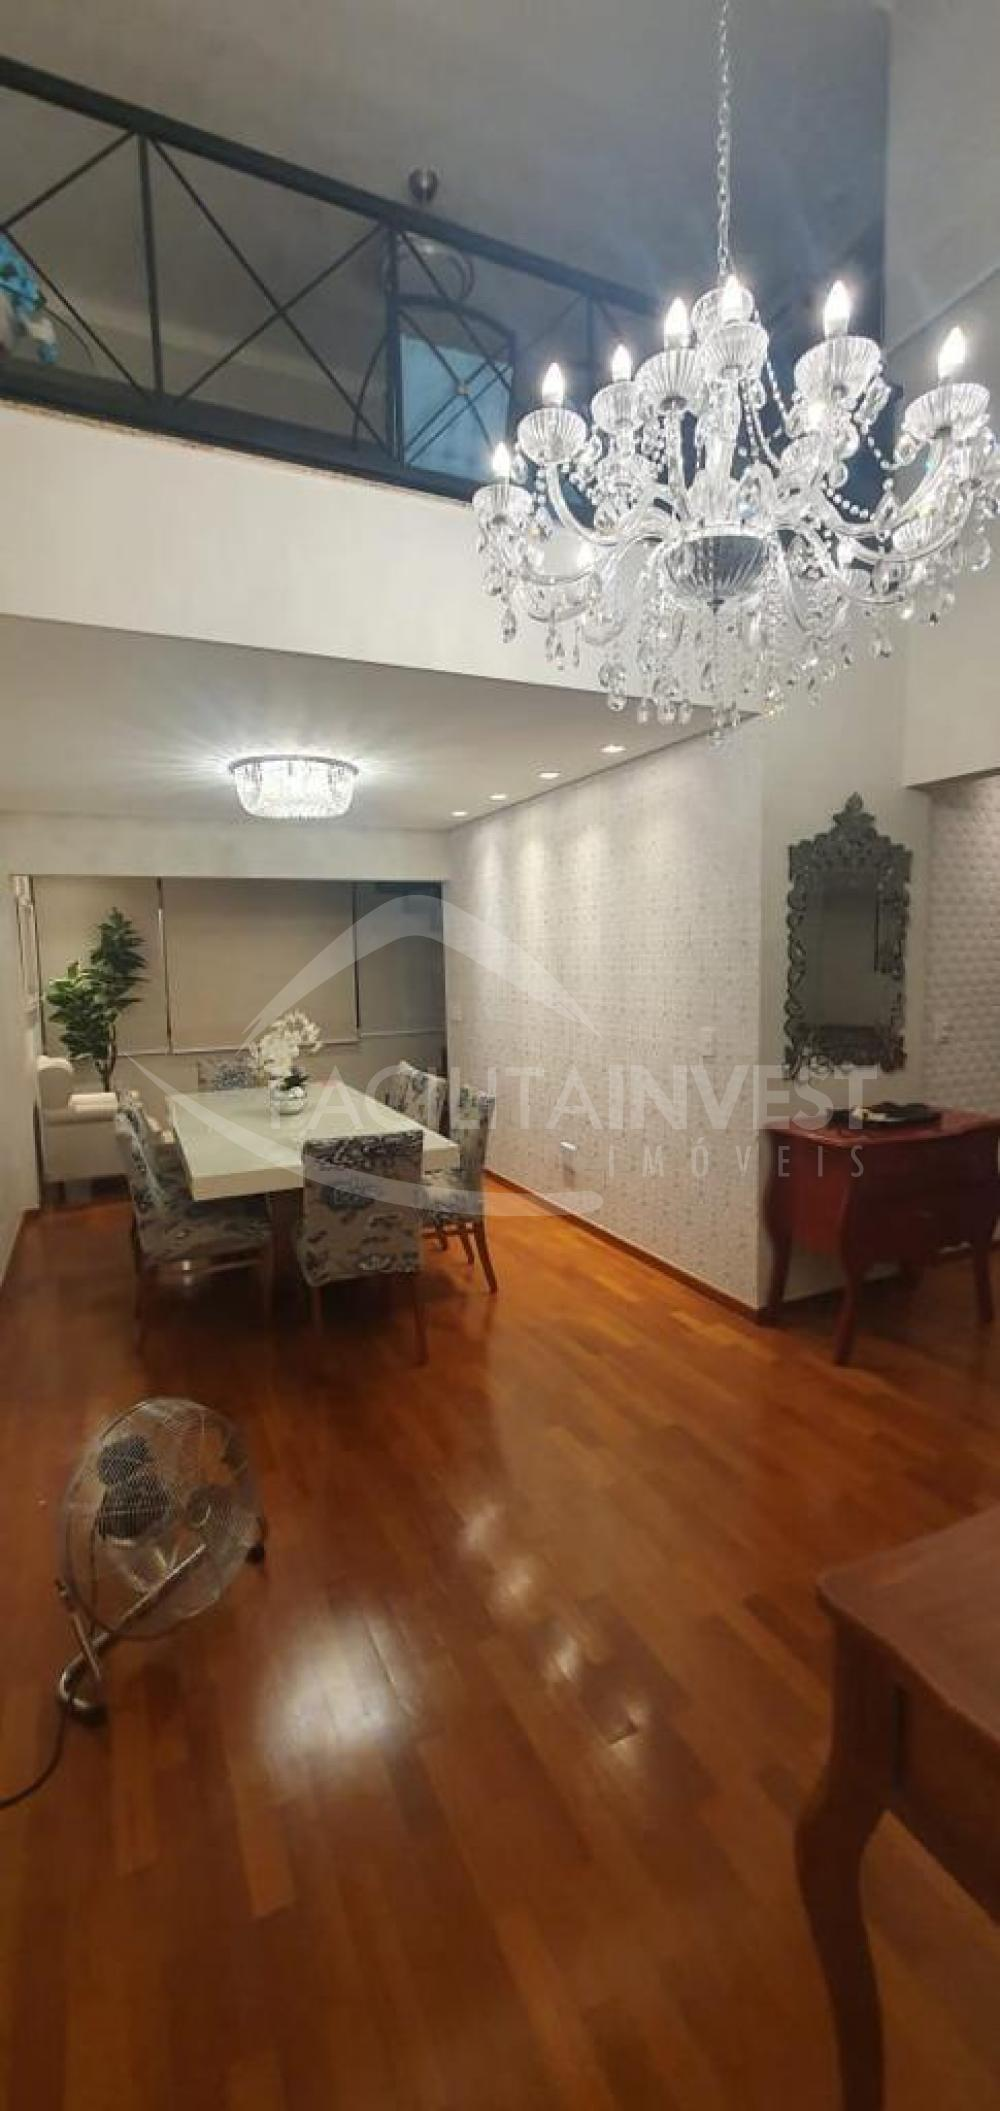 Comprar Apartamentos / Apart. Padrão em Ribeirão Preto apenas R$ 640.000,00 - Foto 3